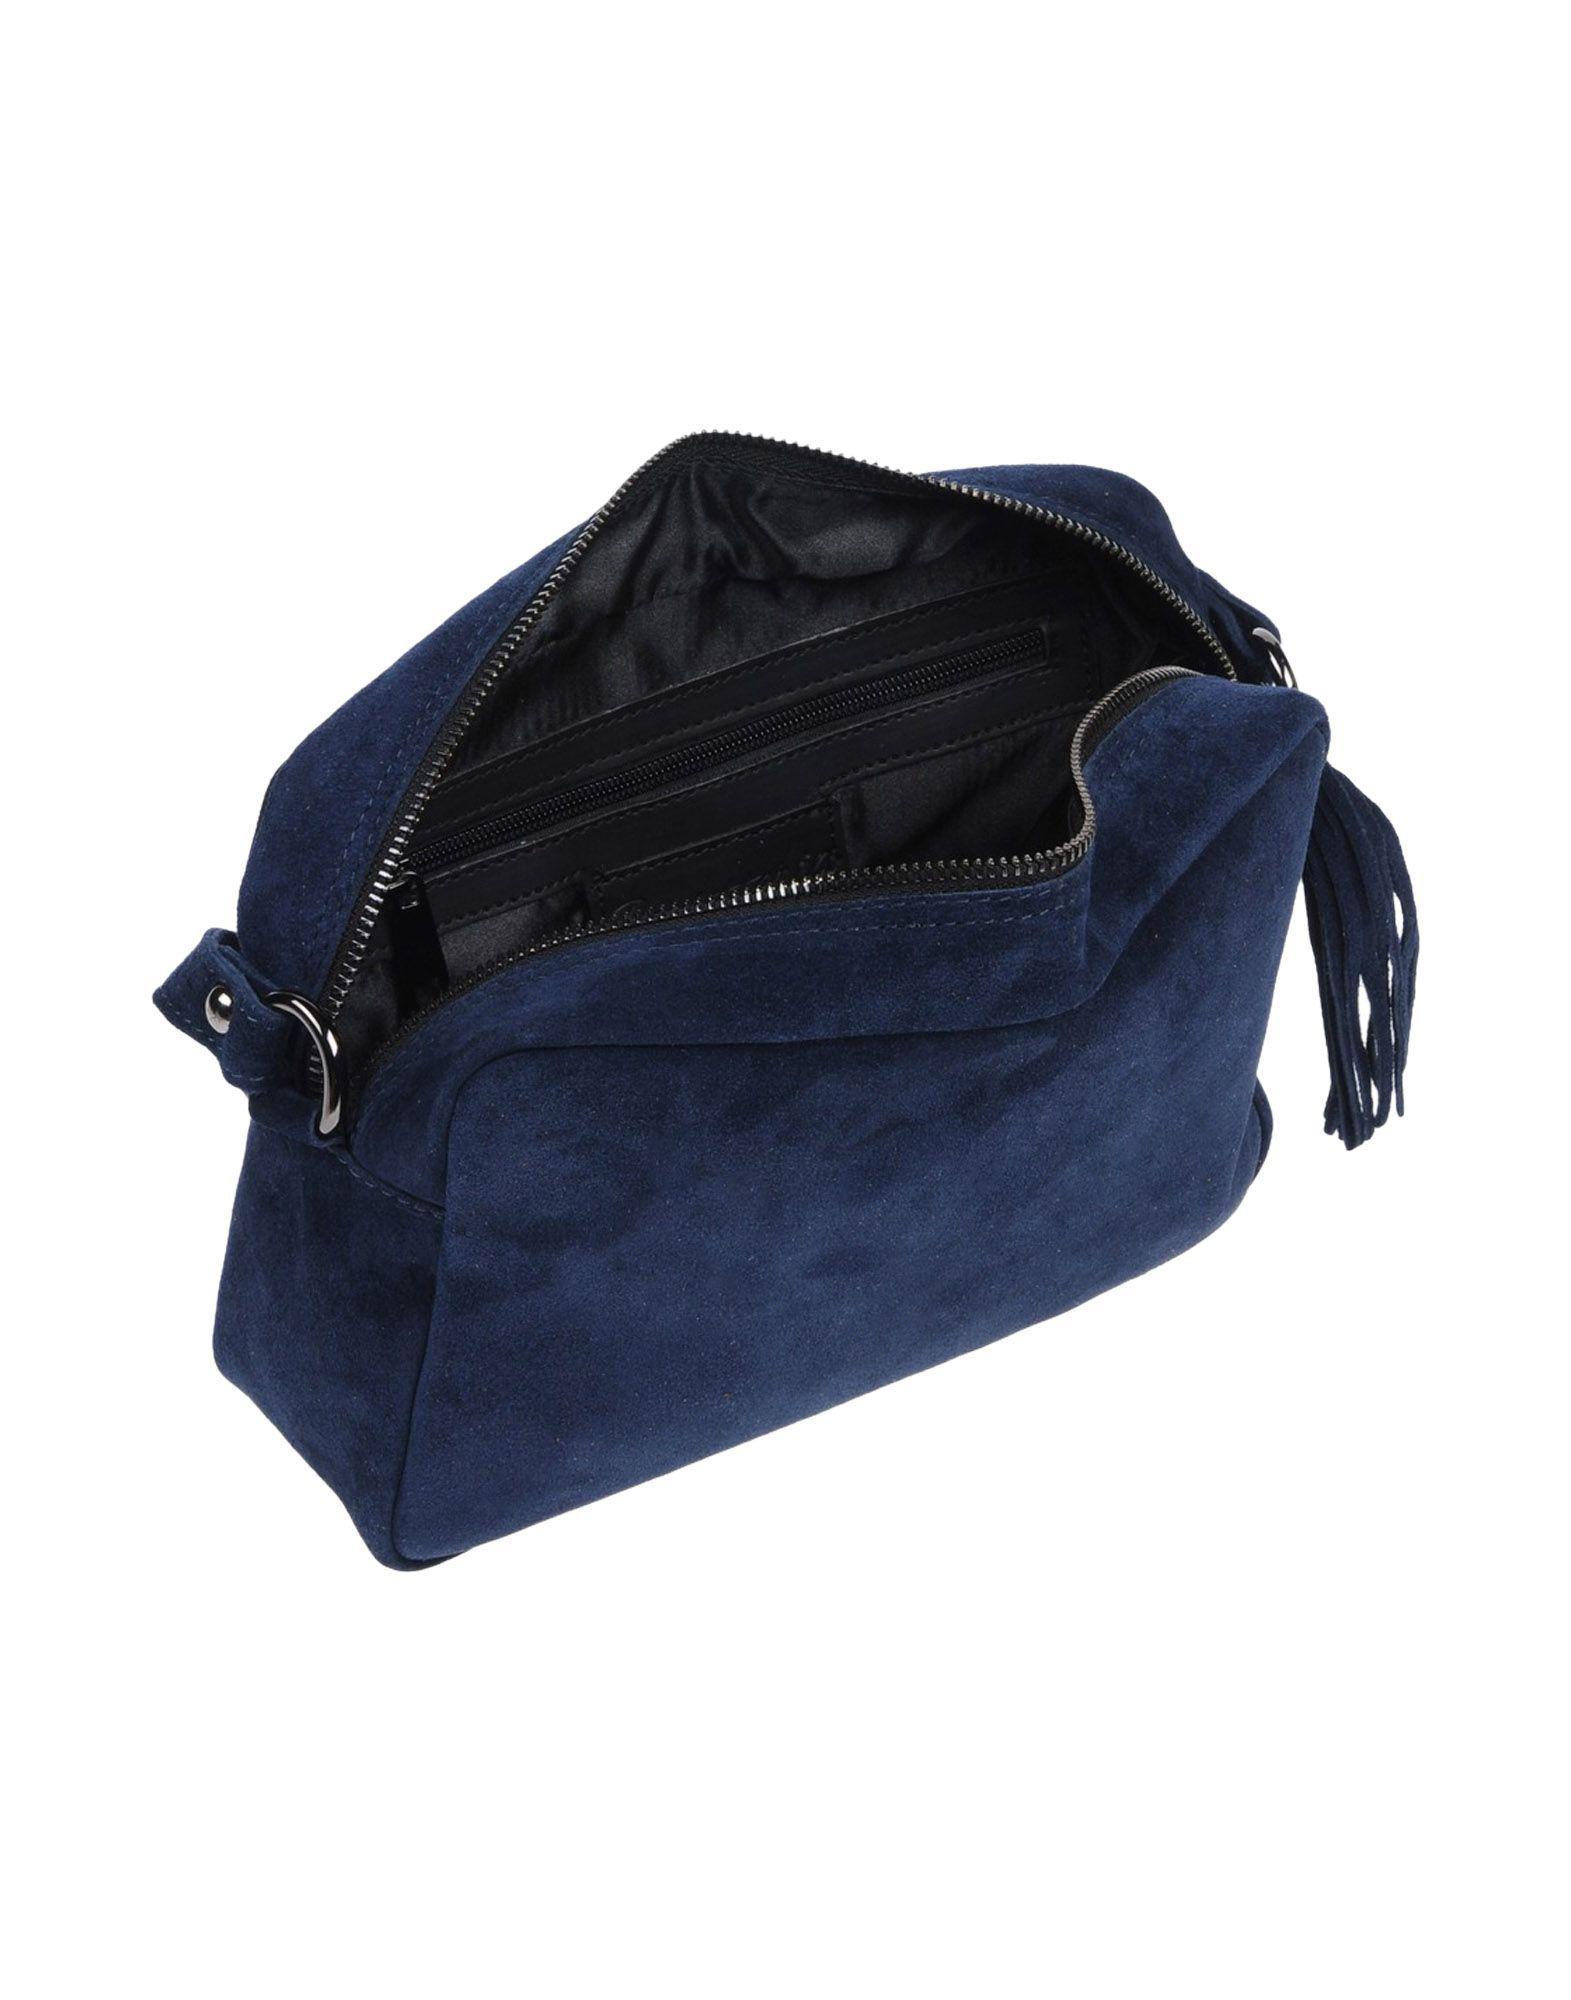 Borsetteria Napoli 1985 Leather Cross-body Bag in Dark Blue (Blue)